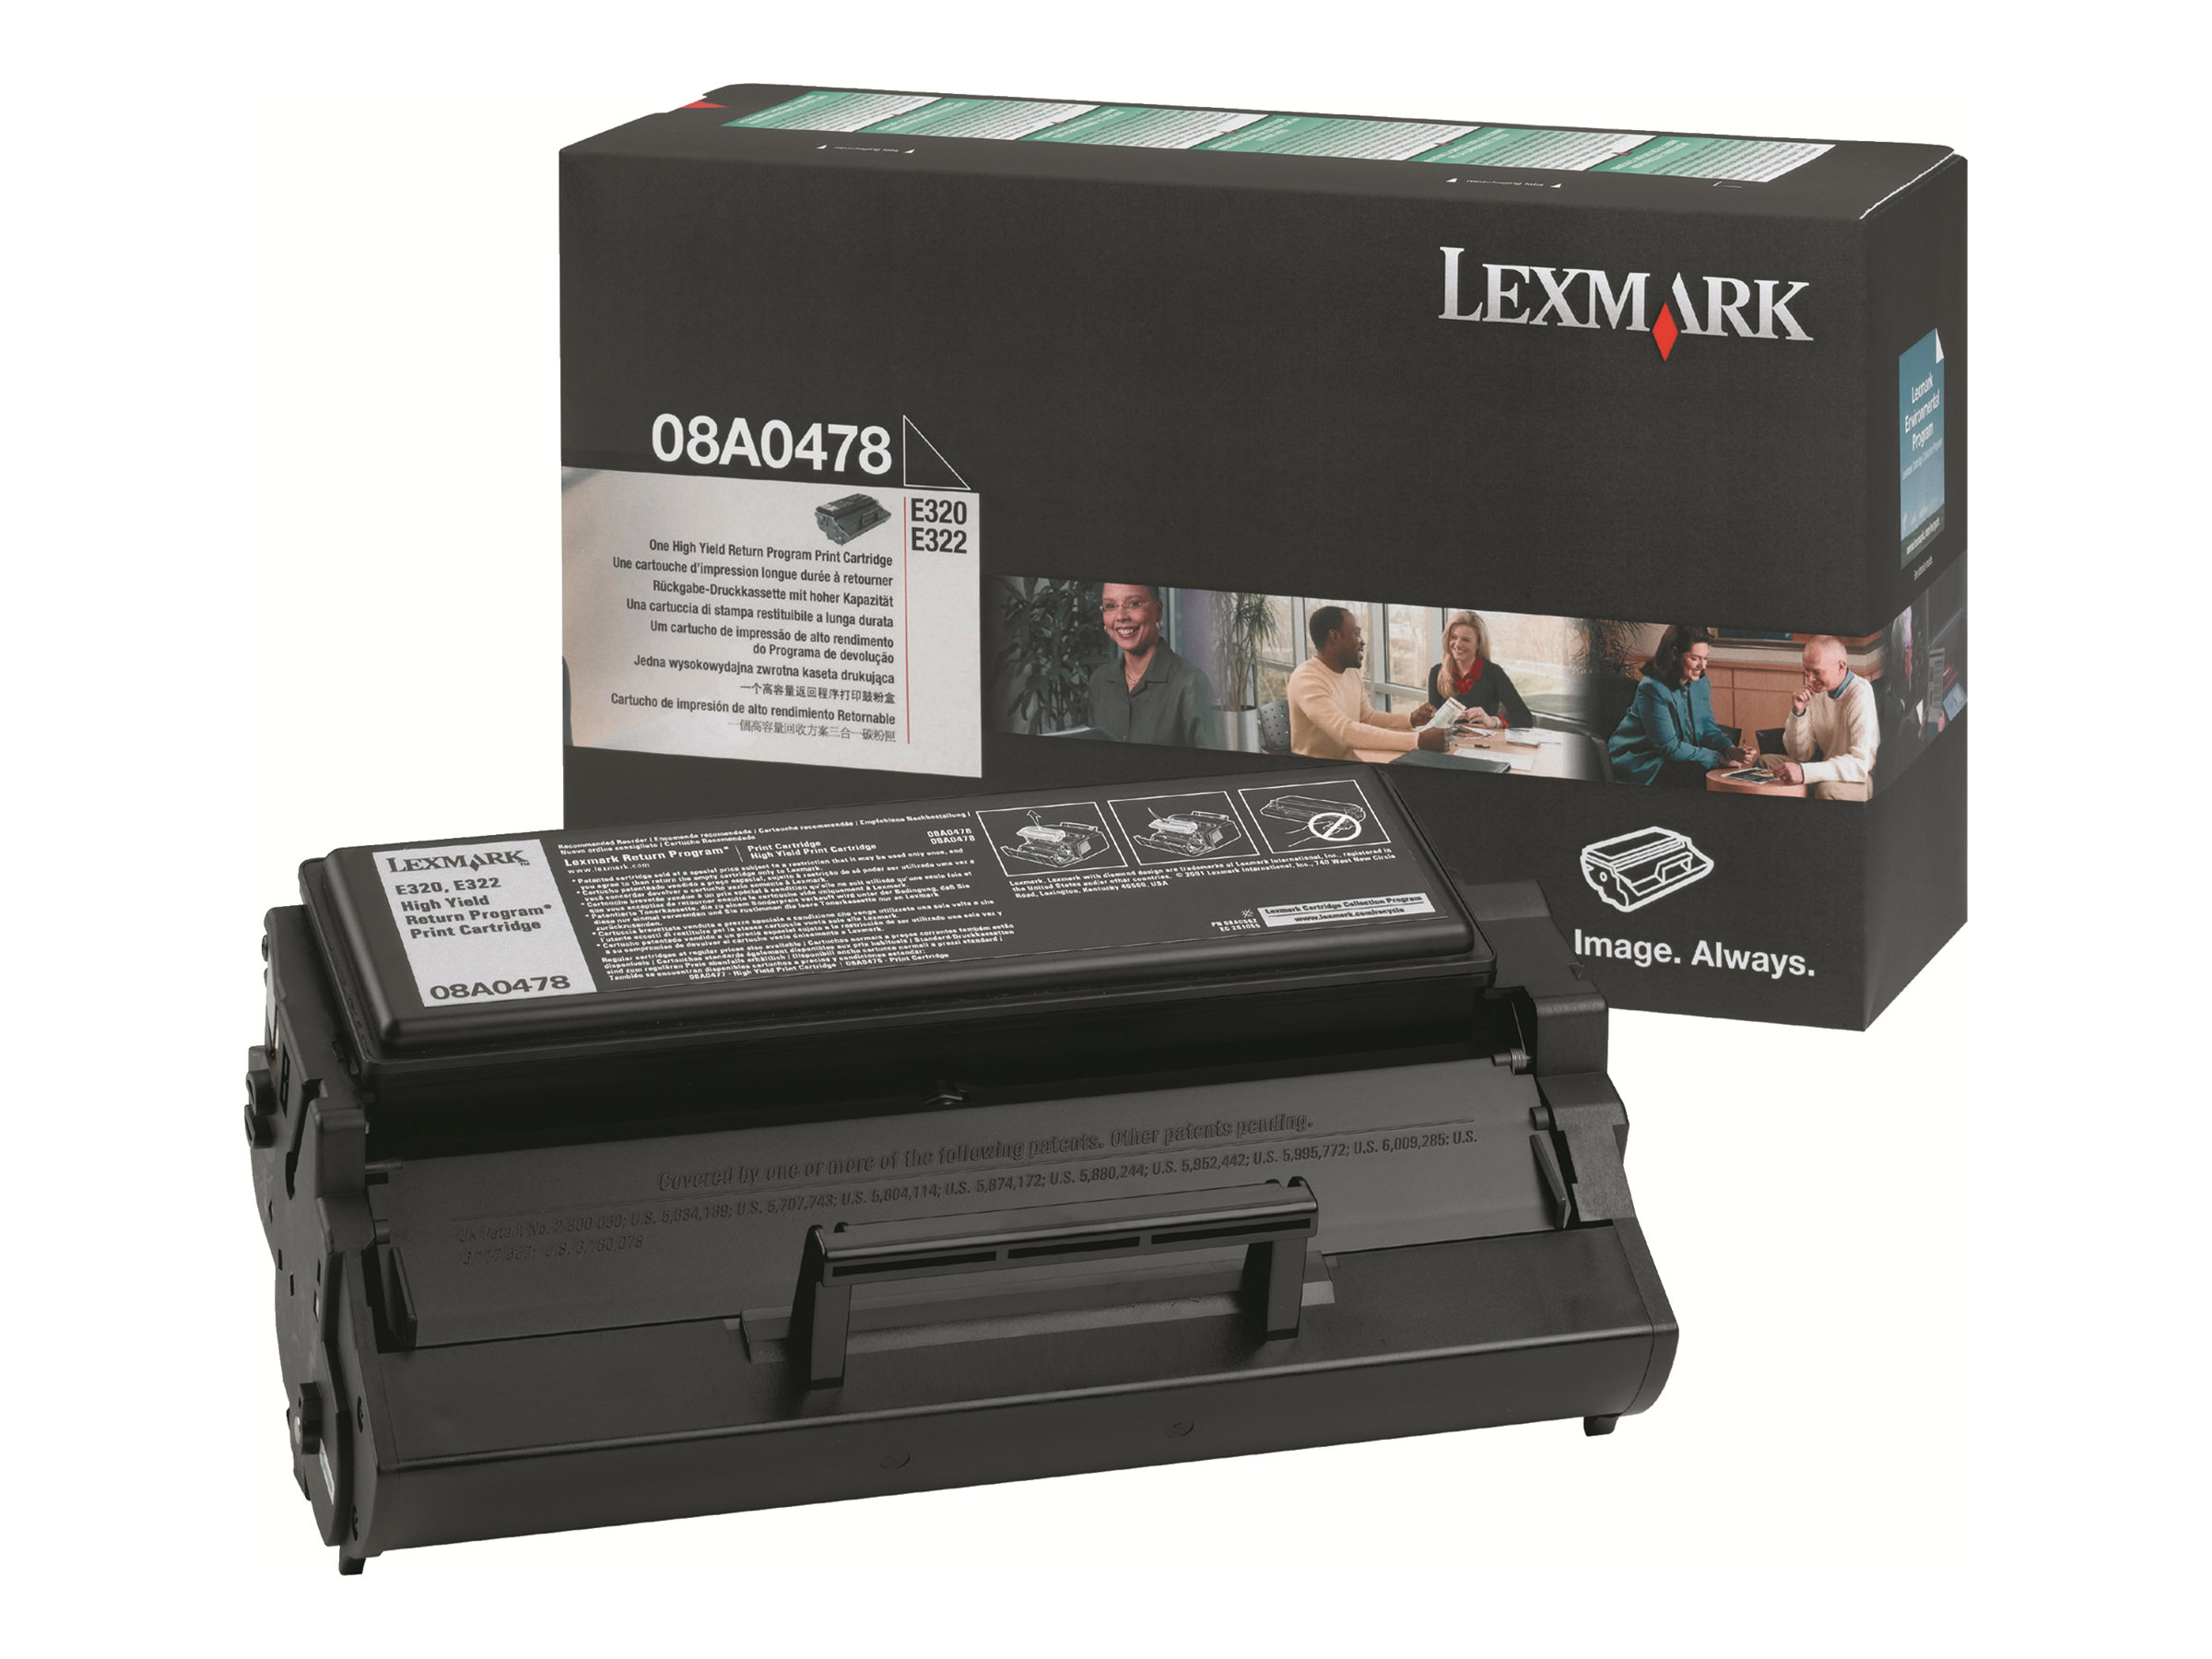 Lexmark - Hohe Ergiebigkeit - Schwarz - Original - Tonerpatrone LCCP, LRP - für E320, 322, 322n, 322tn